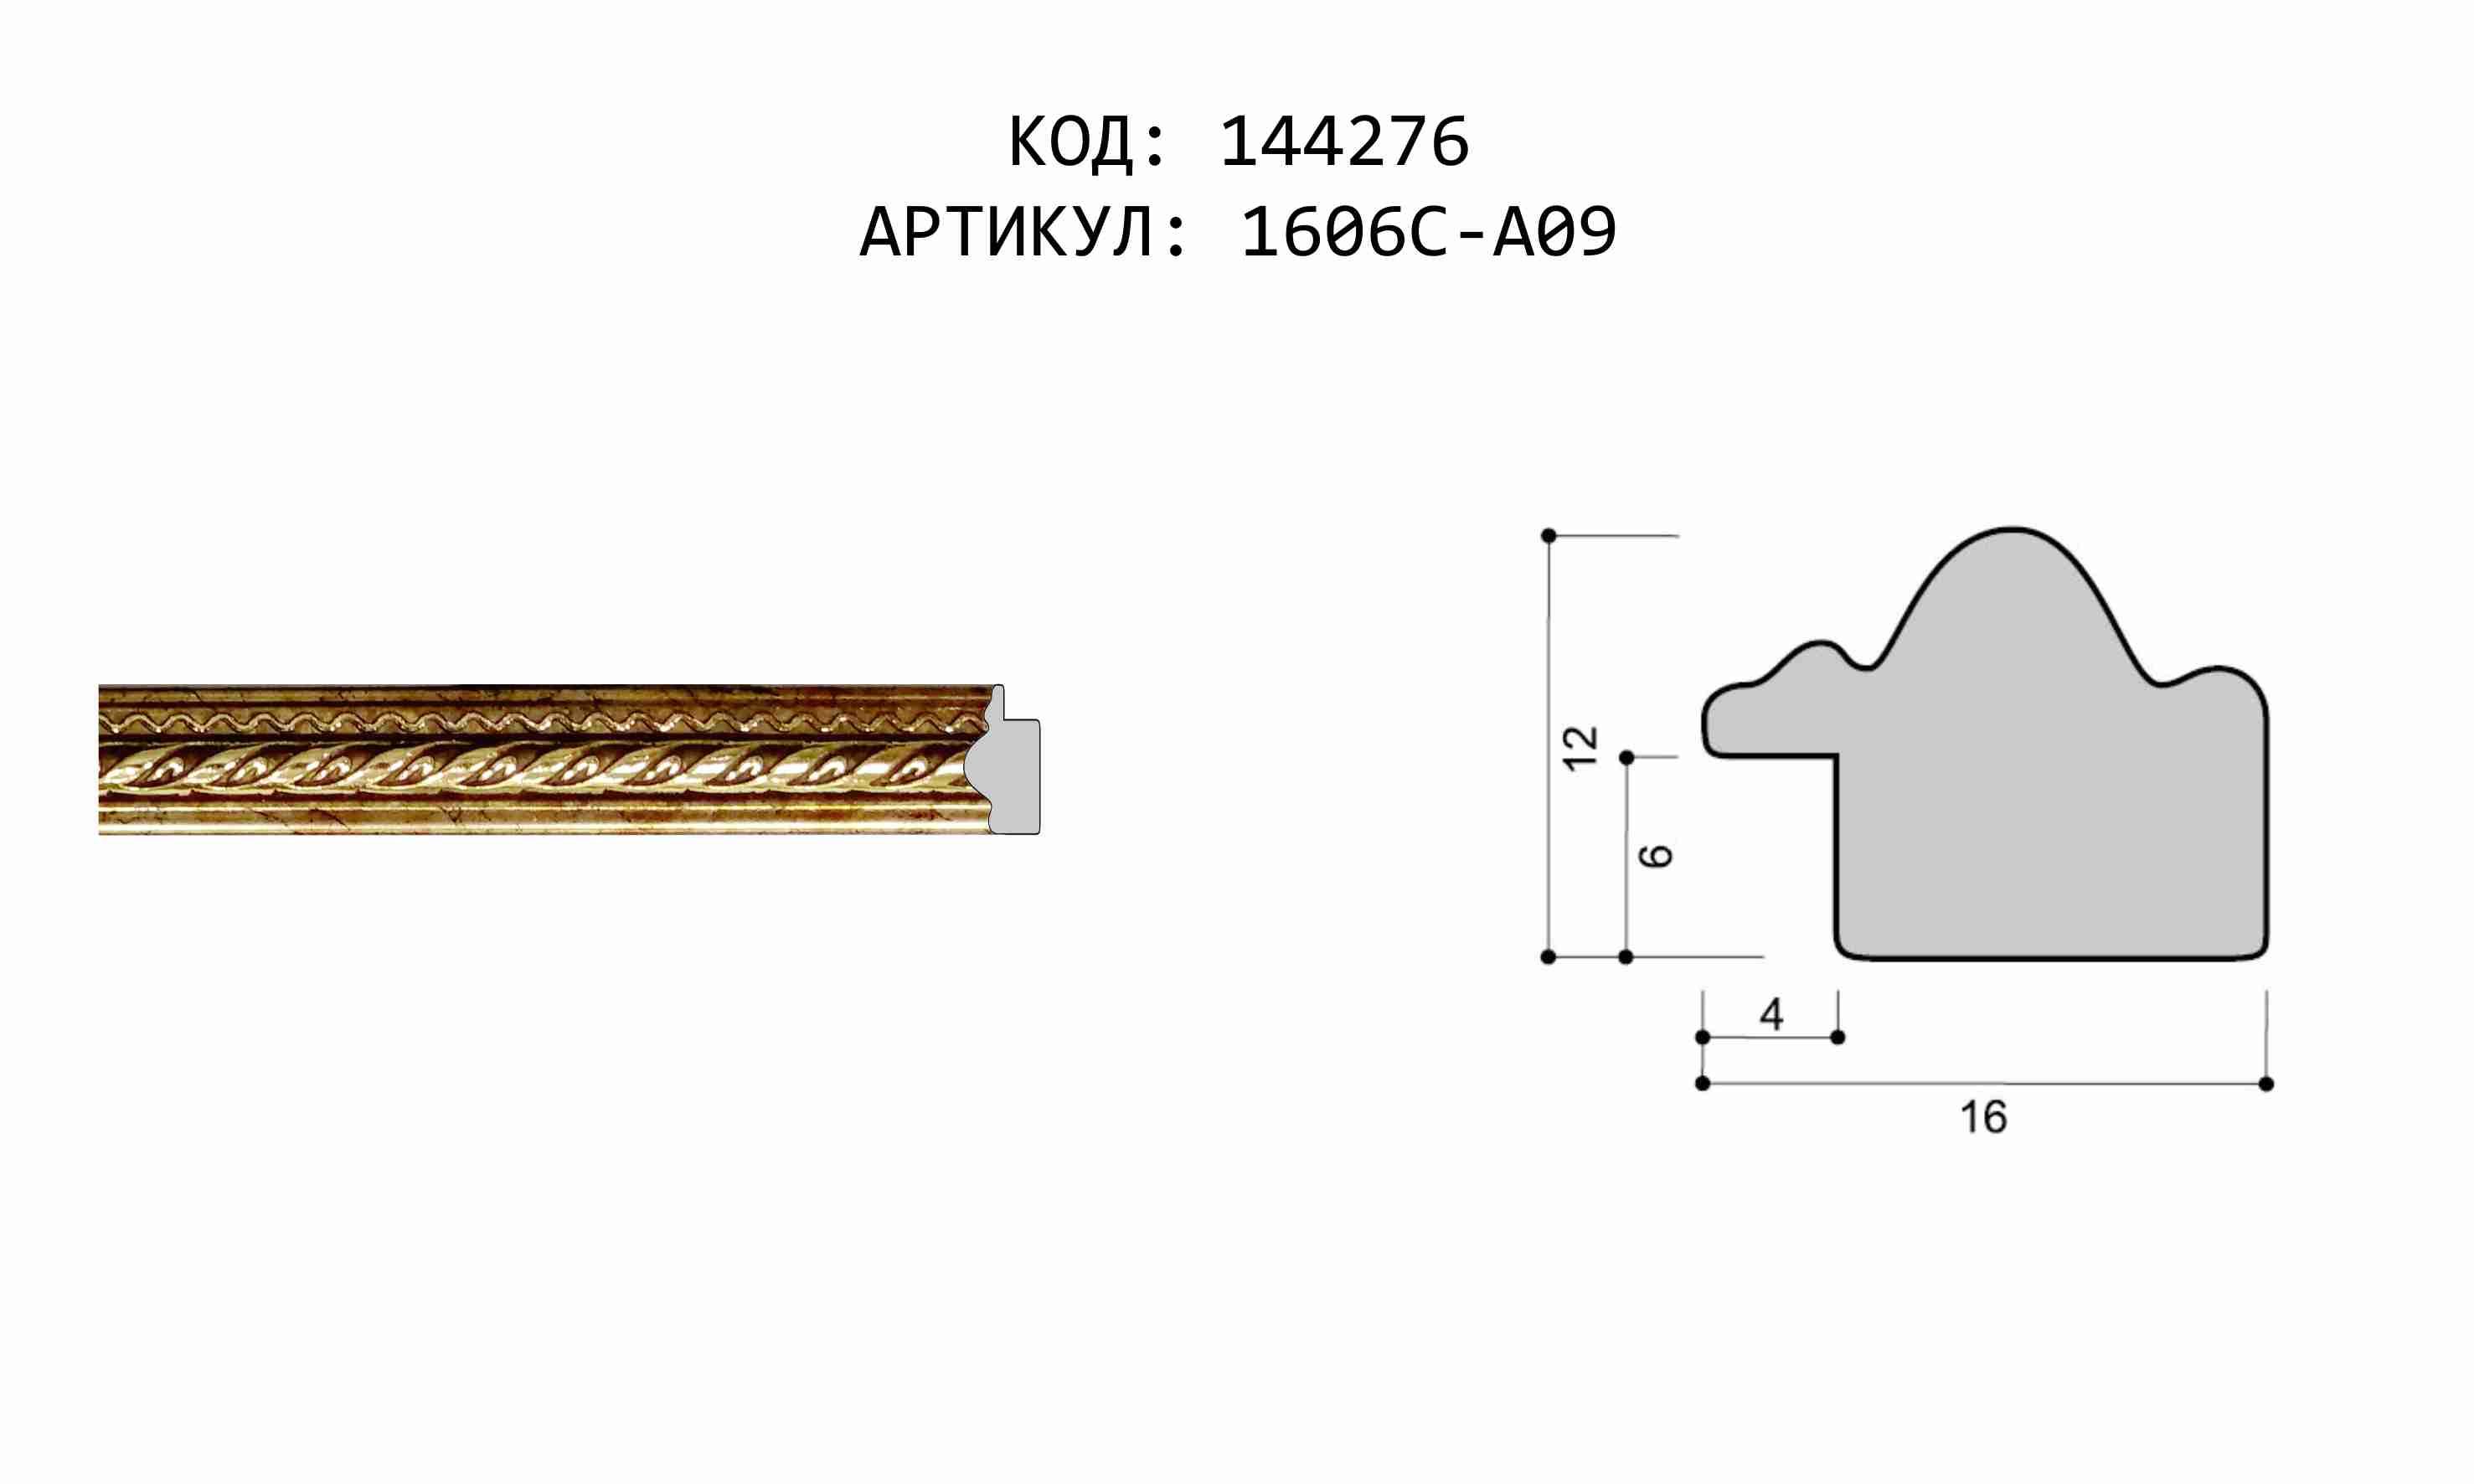 Артикул: 1606C-A09